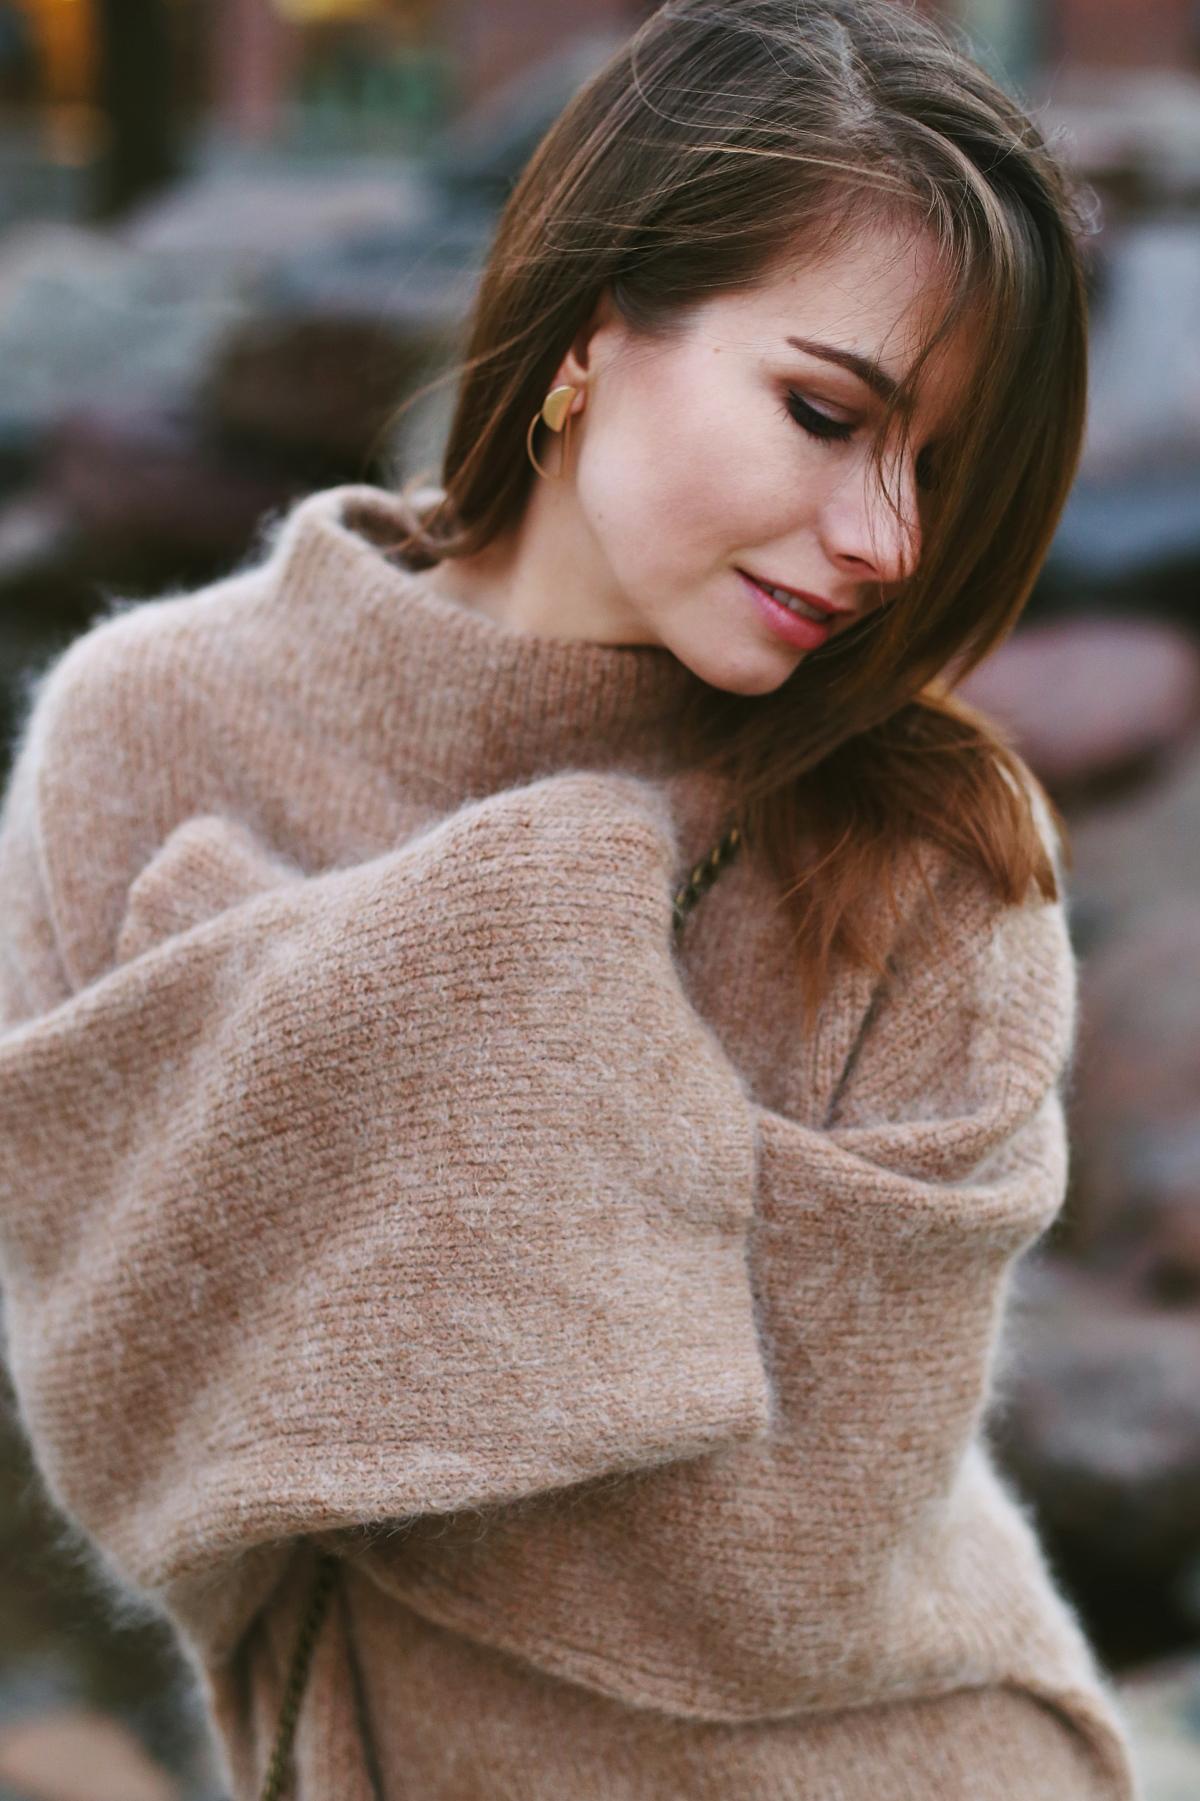 Przeskalowane rękawy - stylizacja zimowa